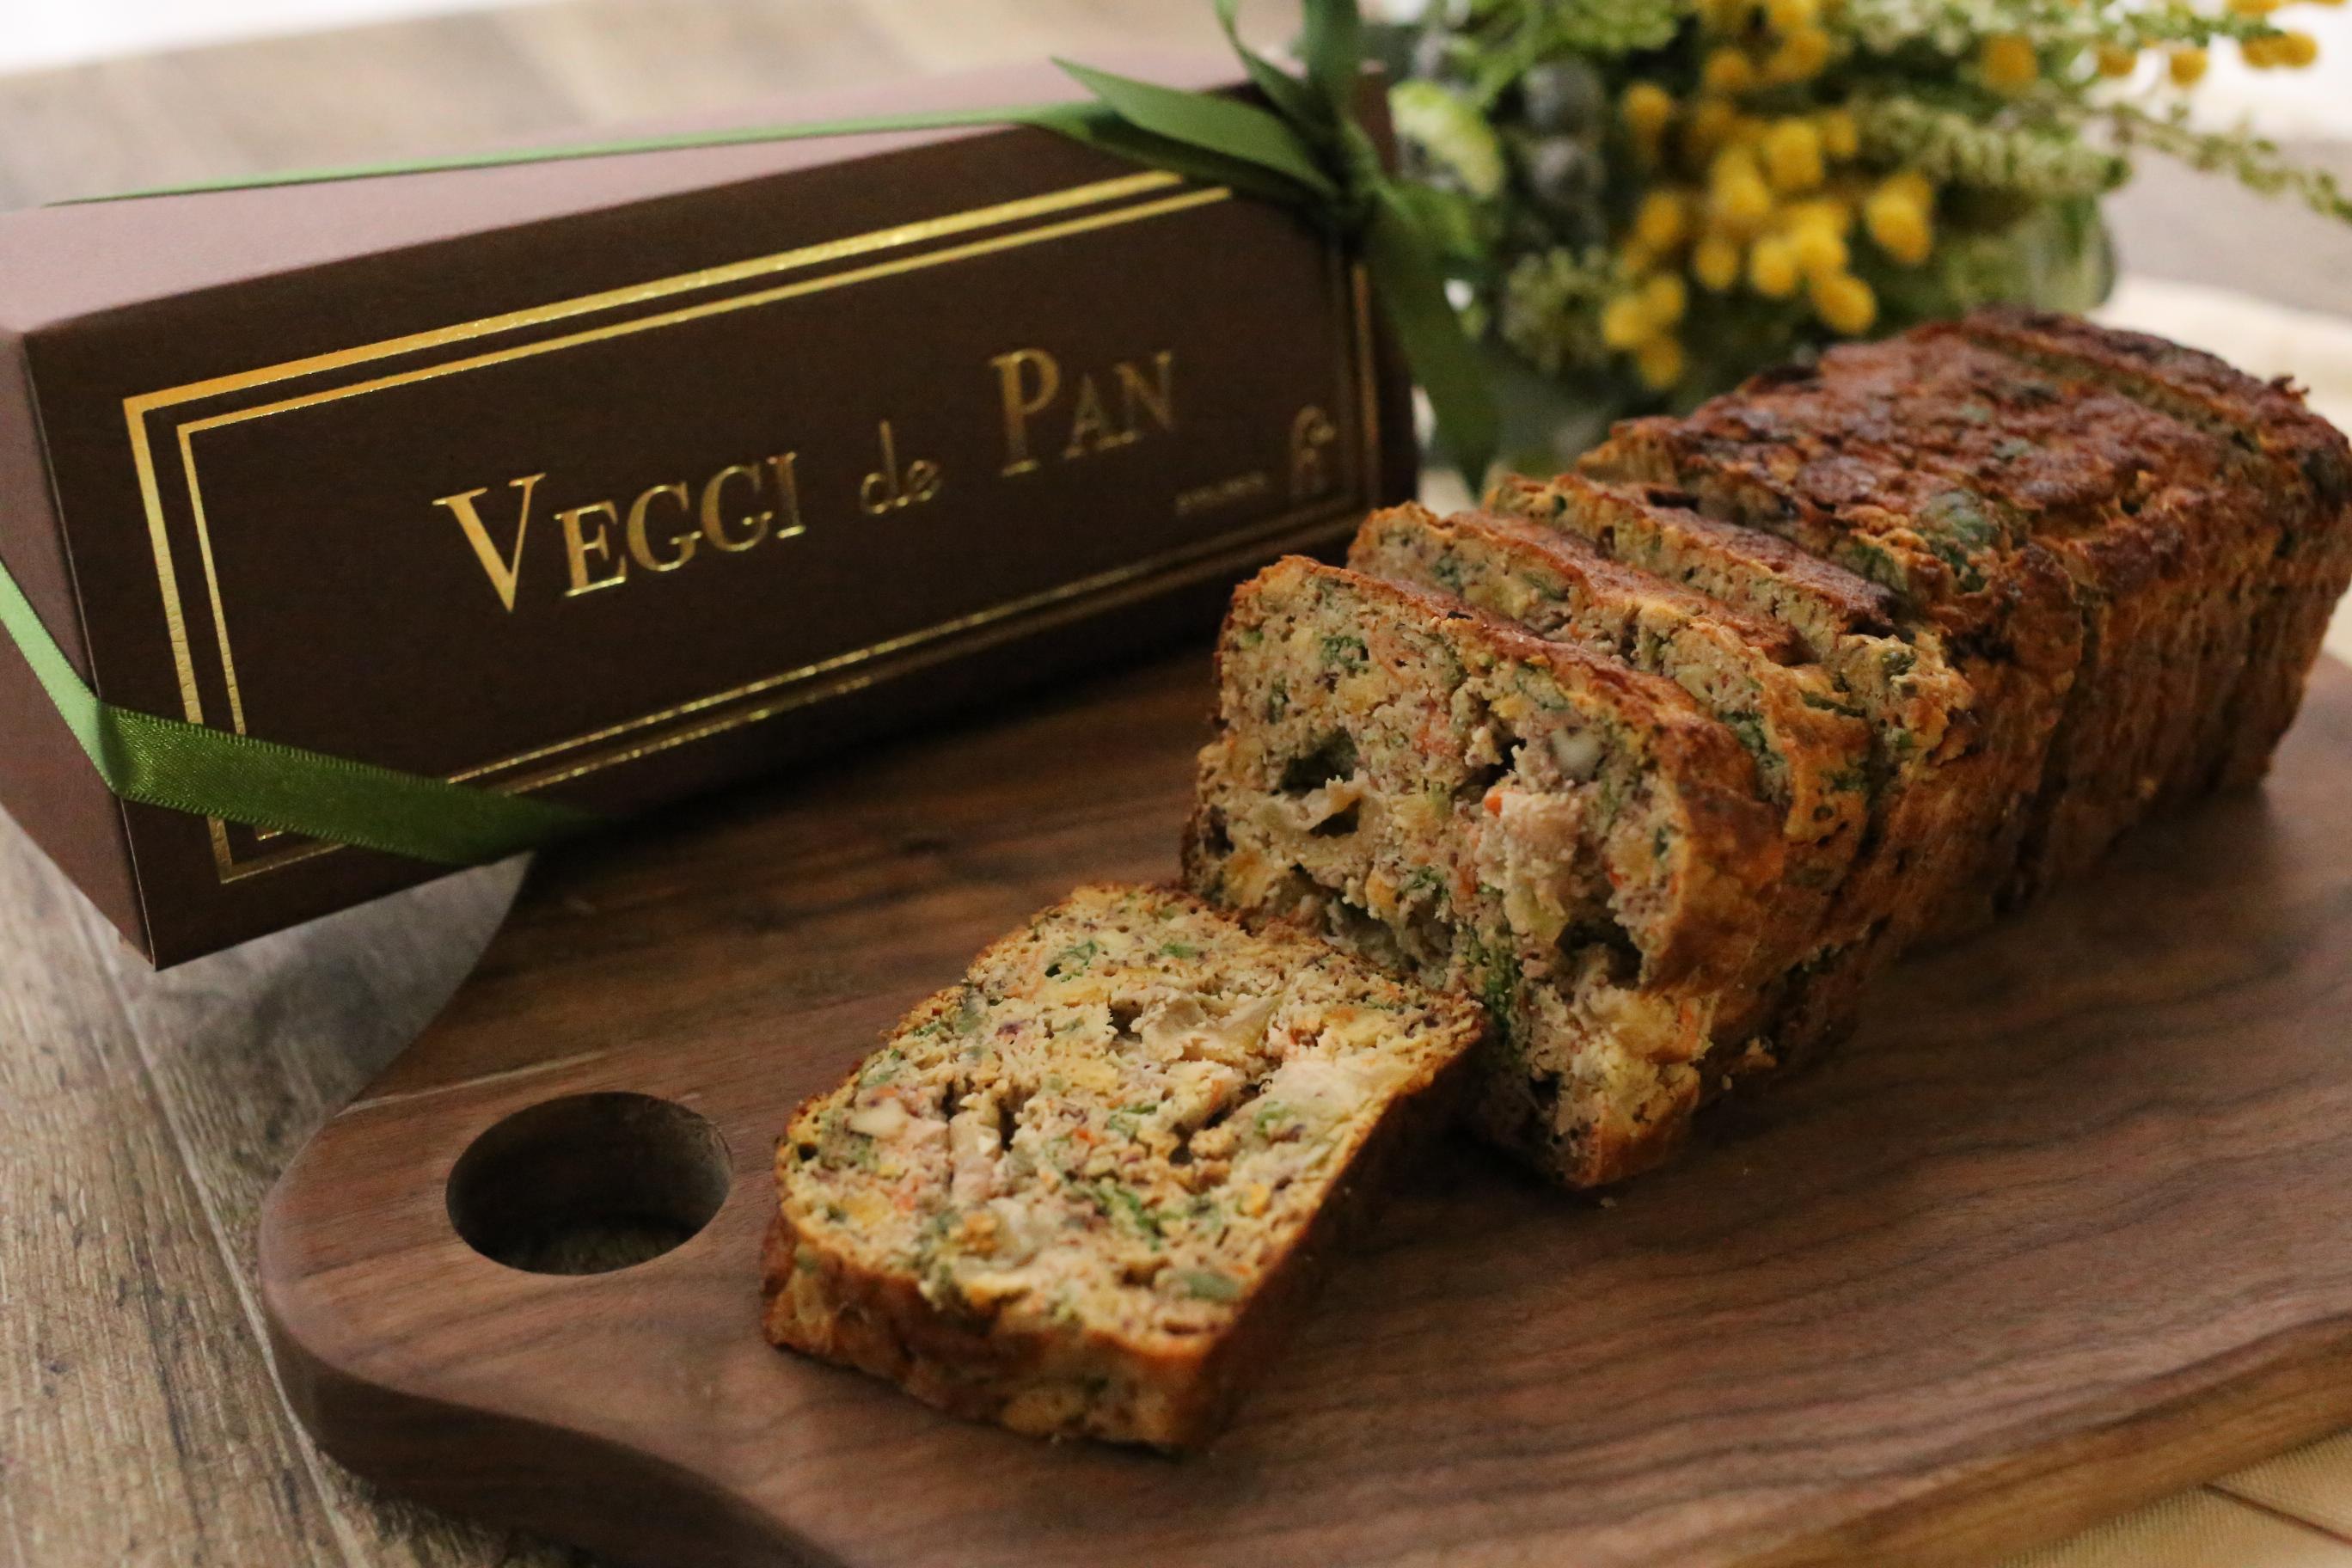 マイナス24kgのダイエットに成功した私自身が毎日パンの代わりに食べているVEGGI de PAN